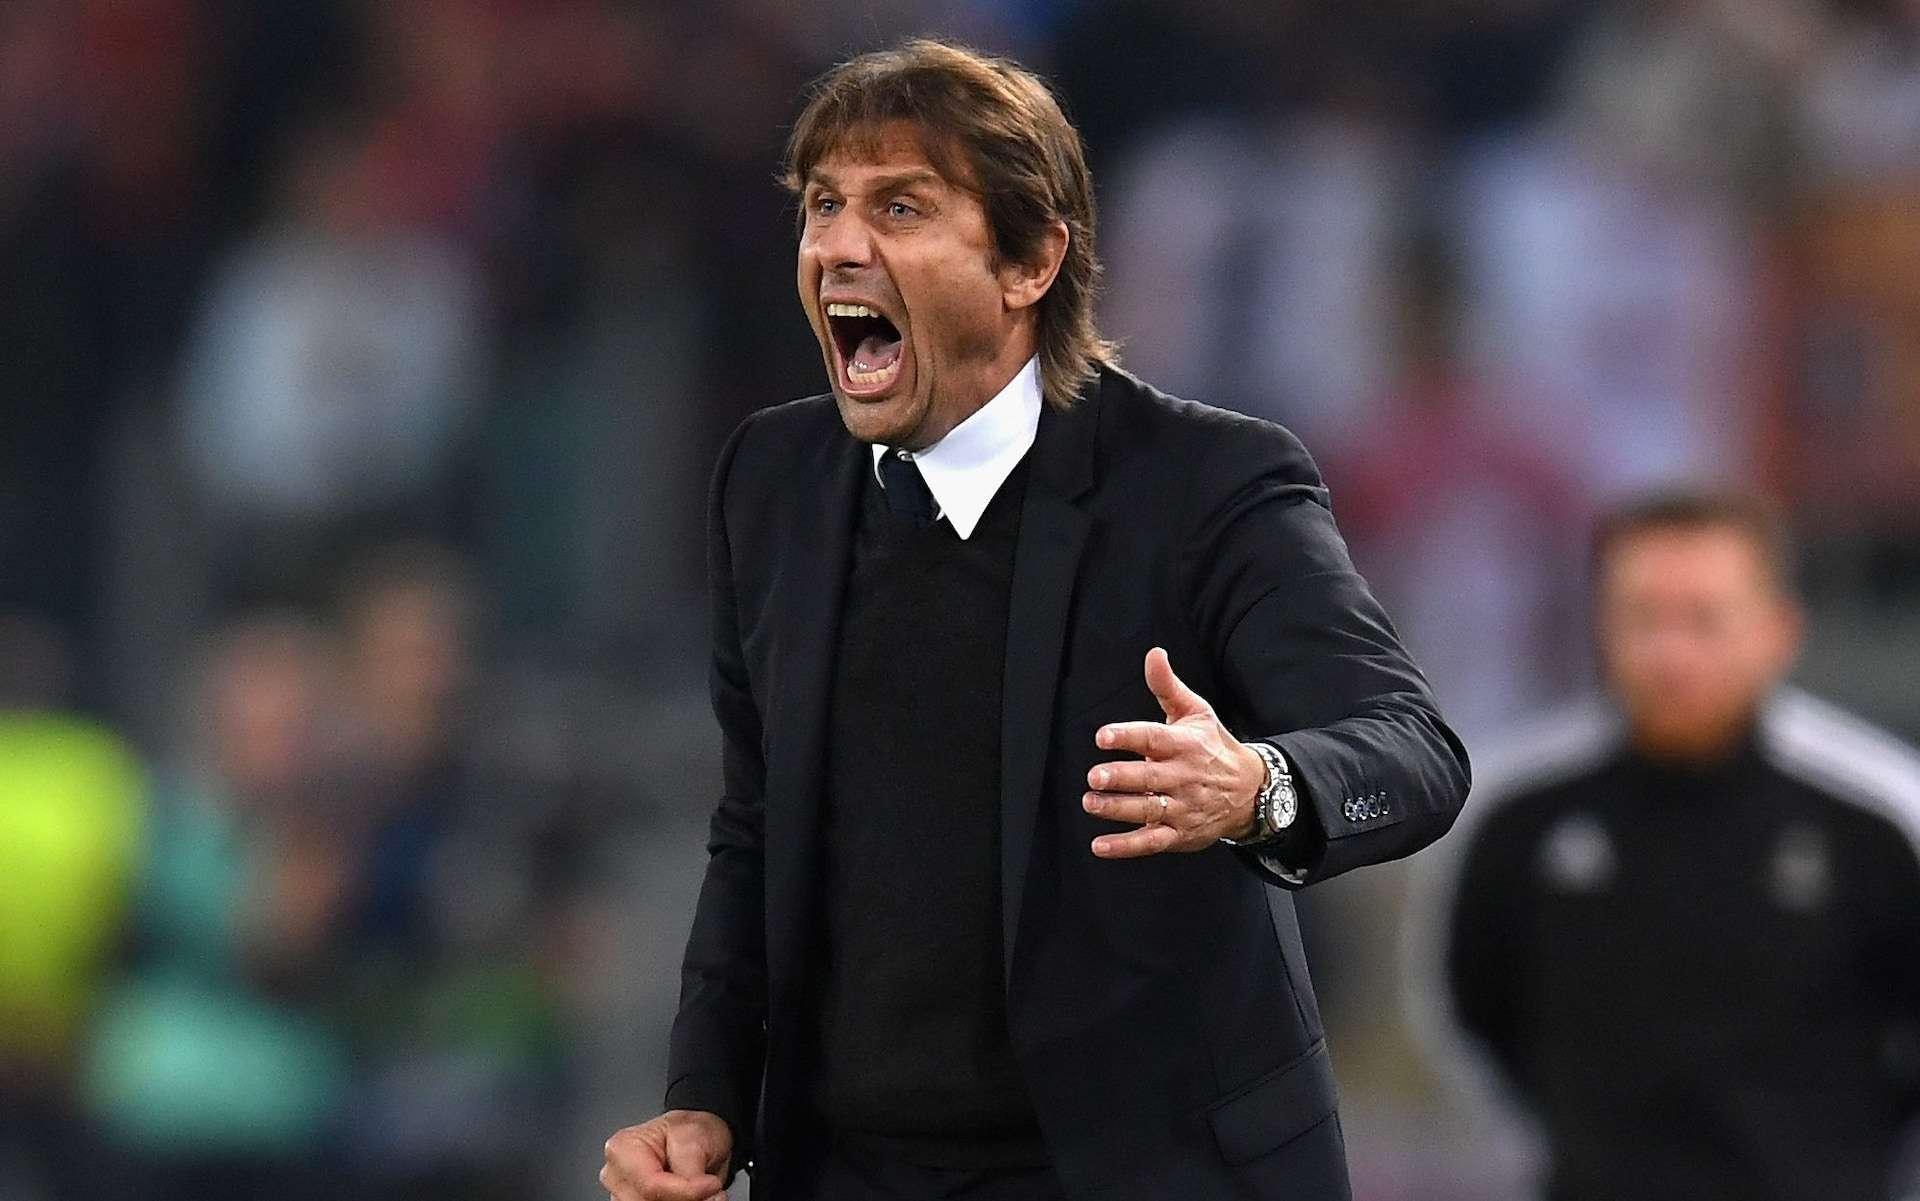 Conte sẽ đấu Mourinho vào cuối tuần này, tình thế giờ đã khác so với năm ngoái